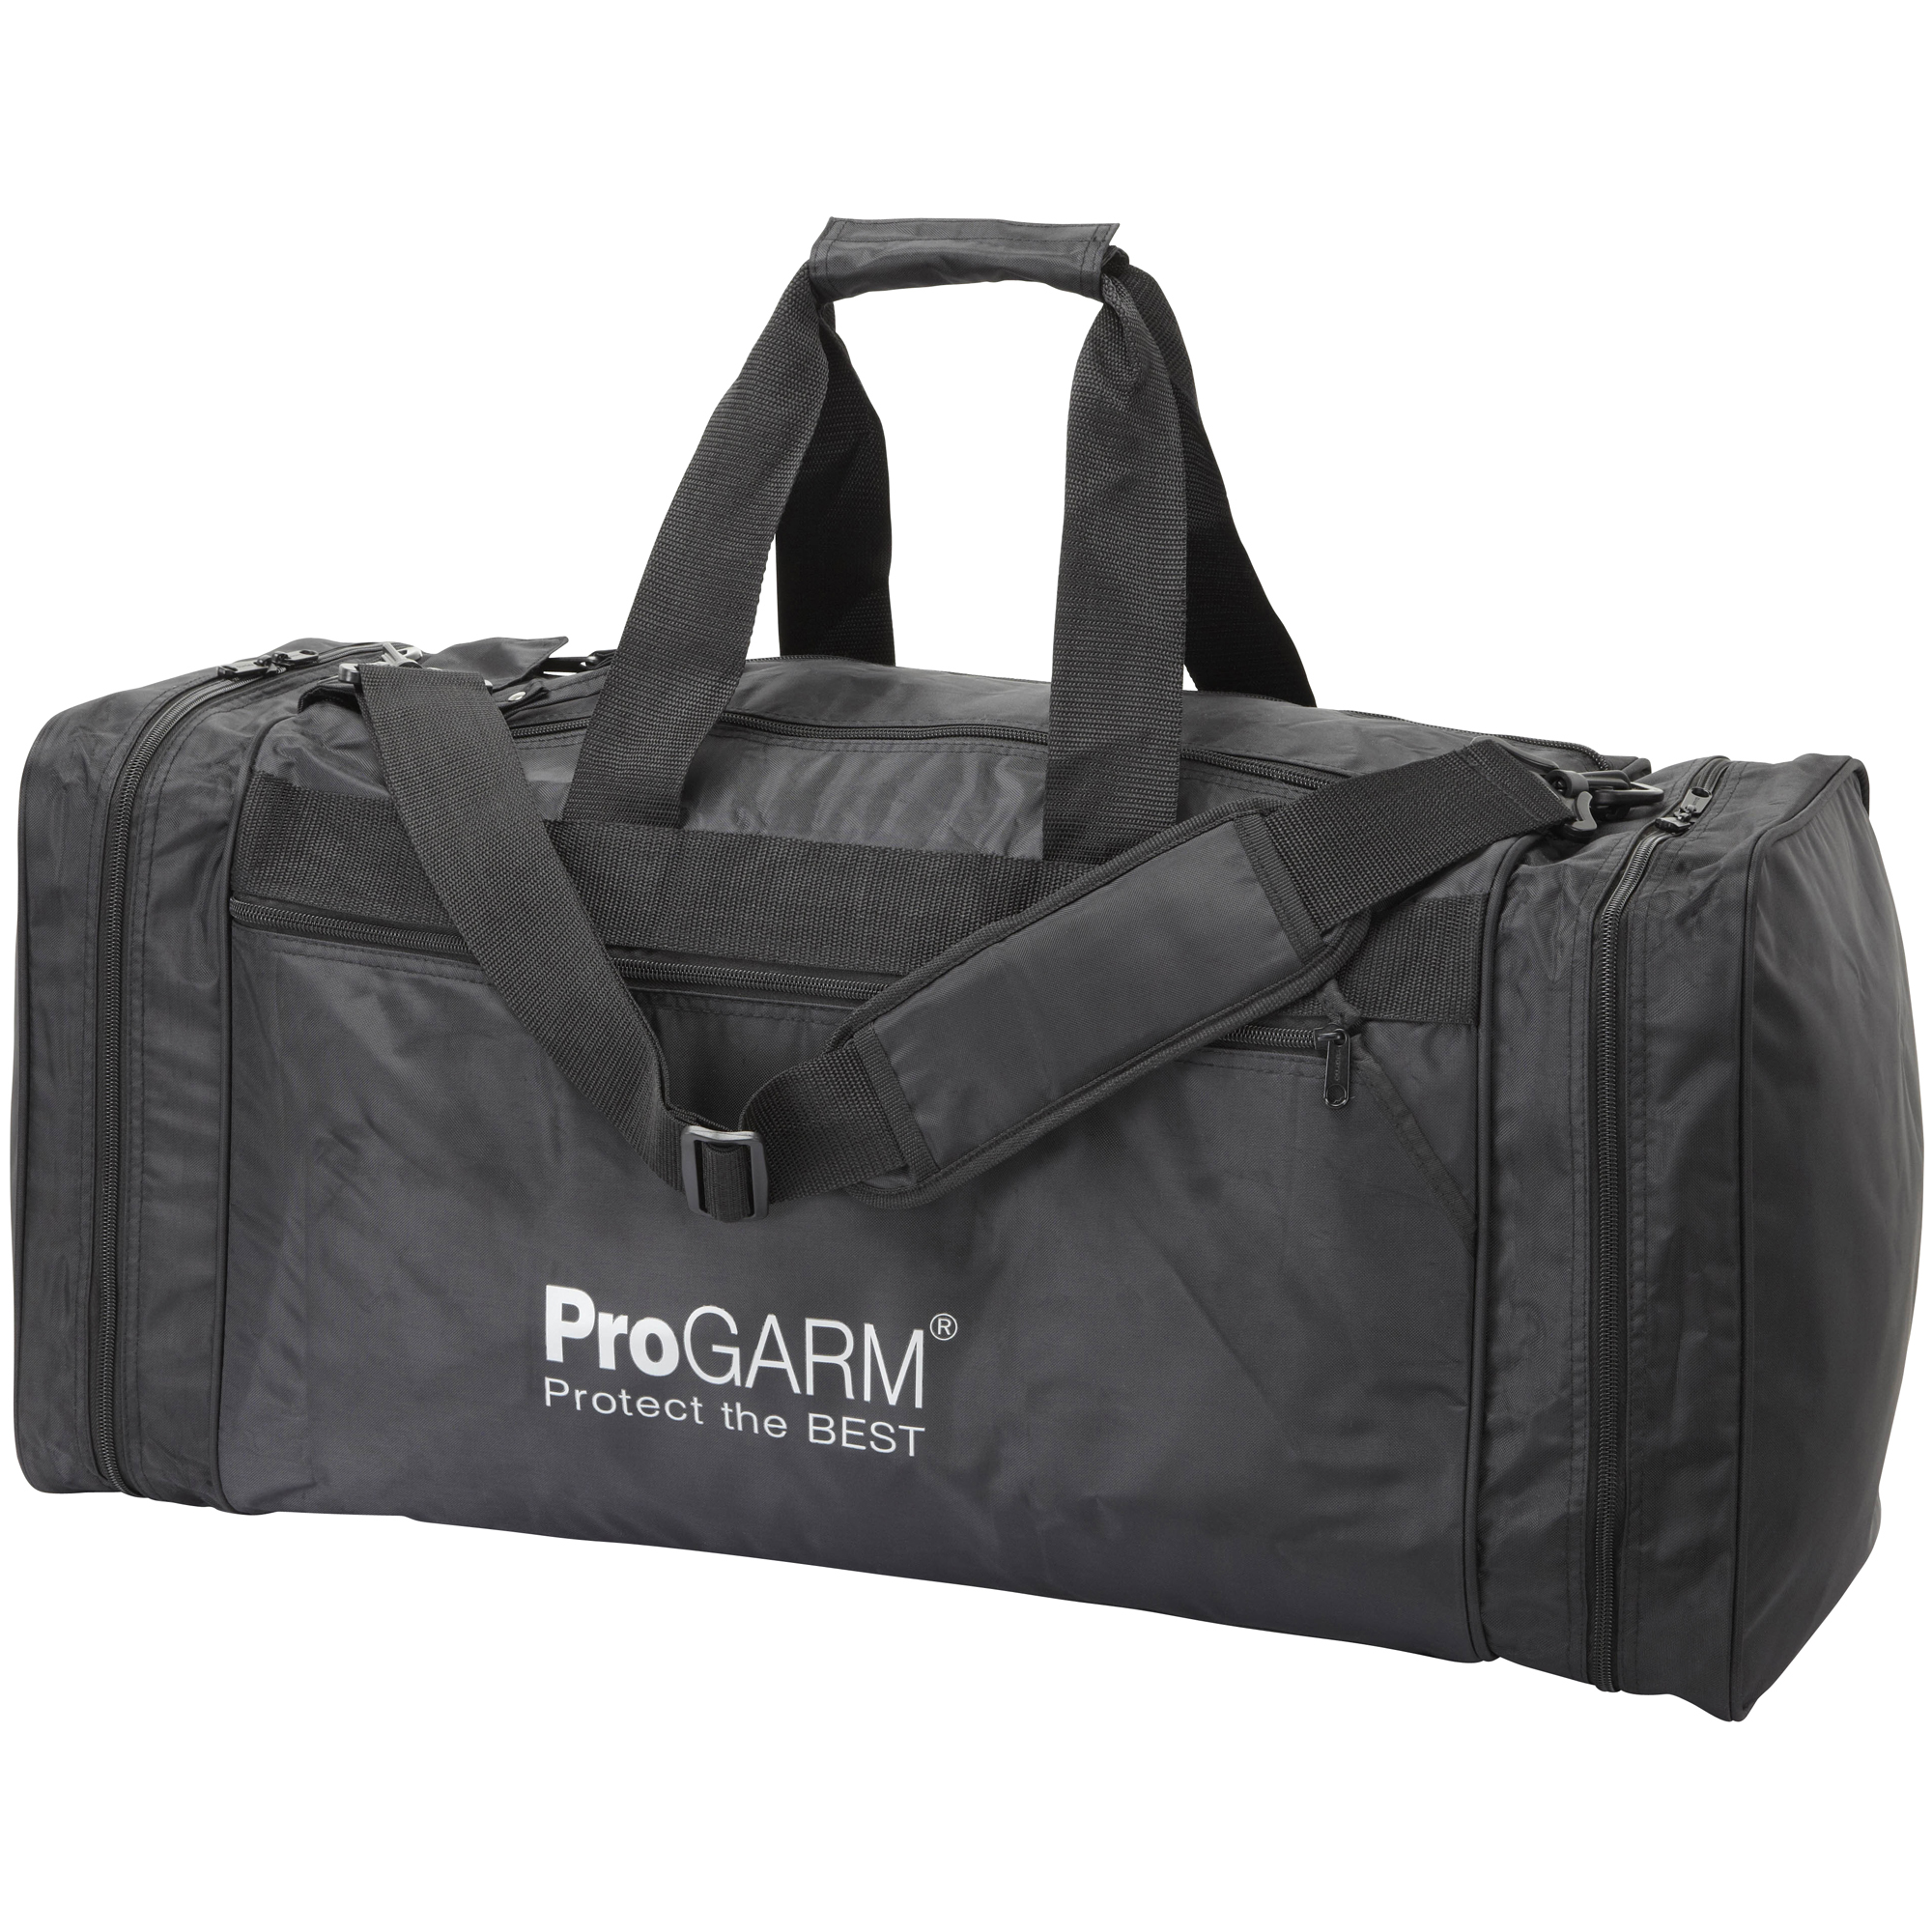 PROGARM 2000 KIT BAG